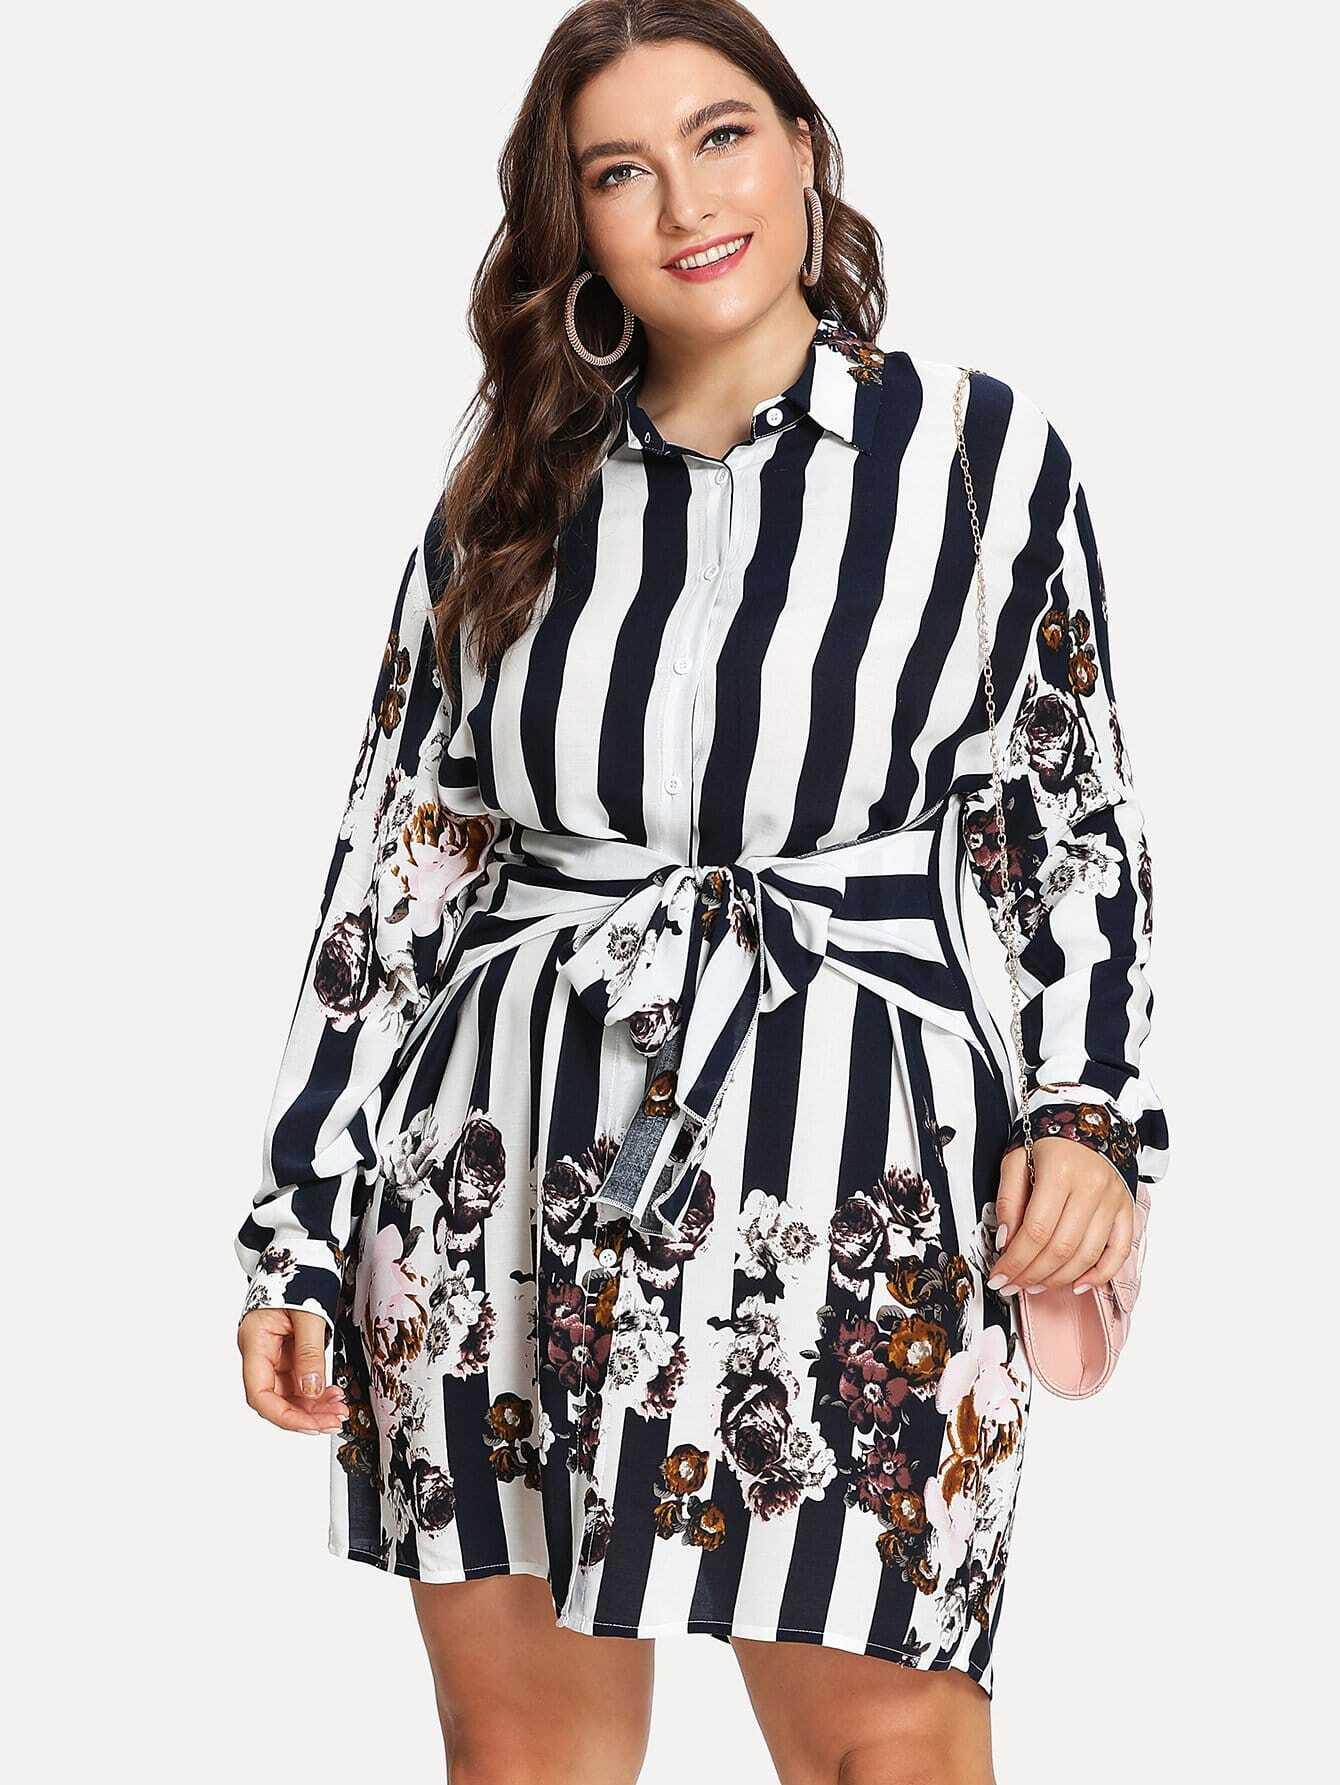 Купить Платье рубашка в полоску и с цветами, Franziska, SheIn